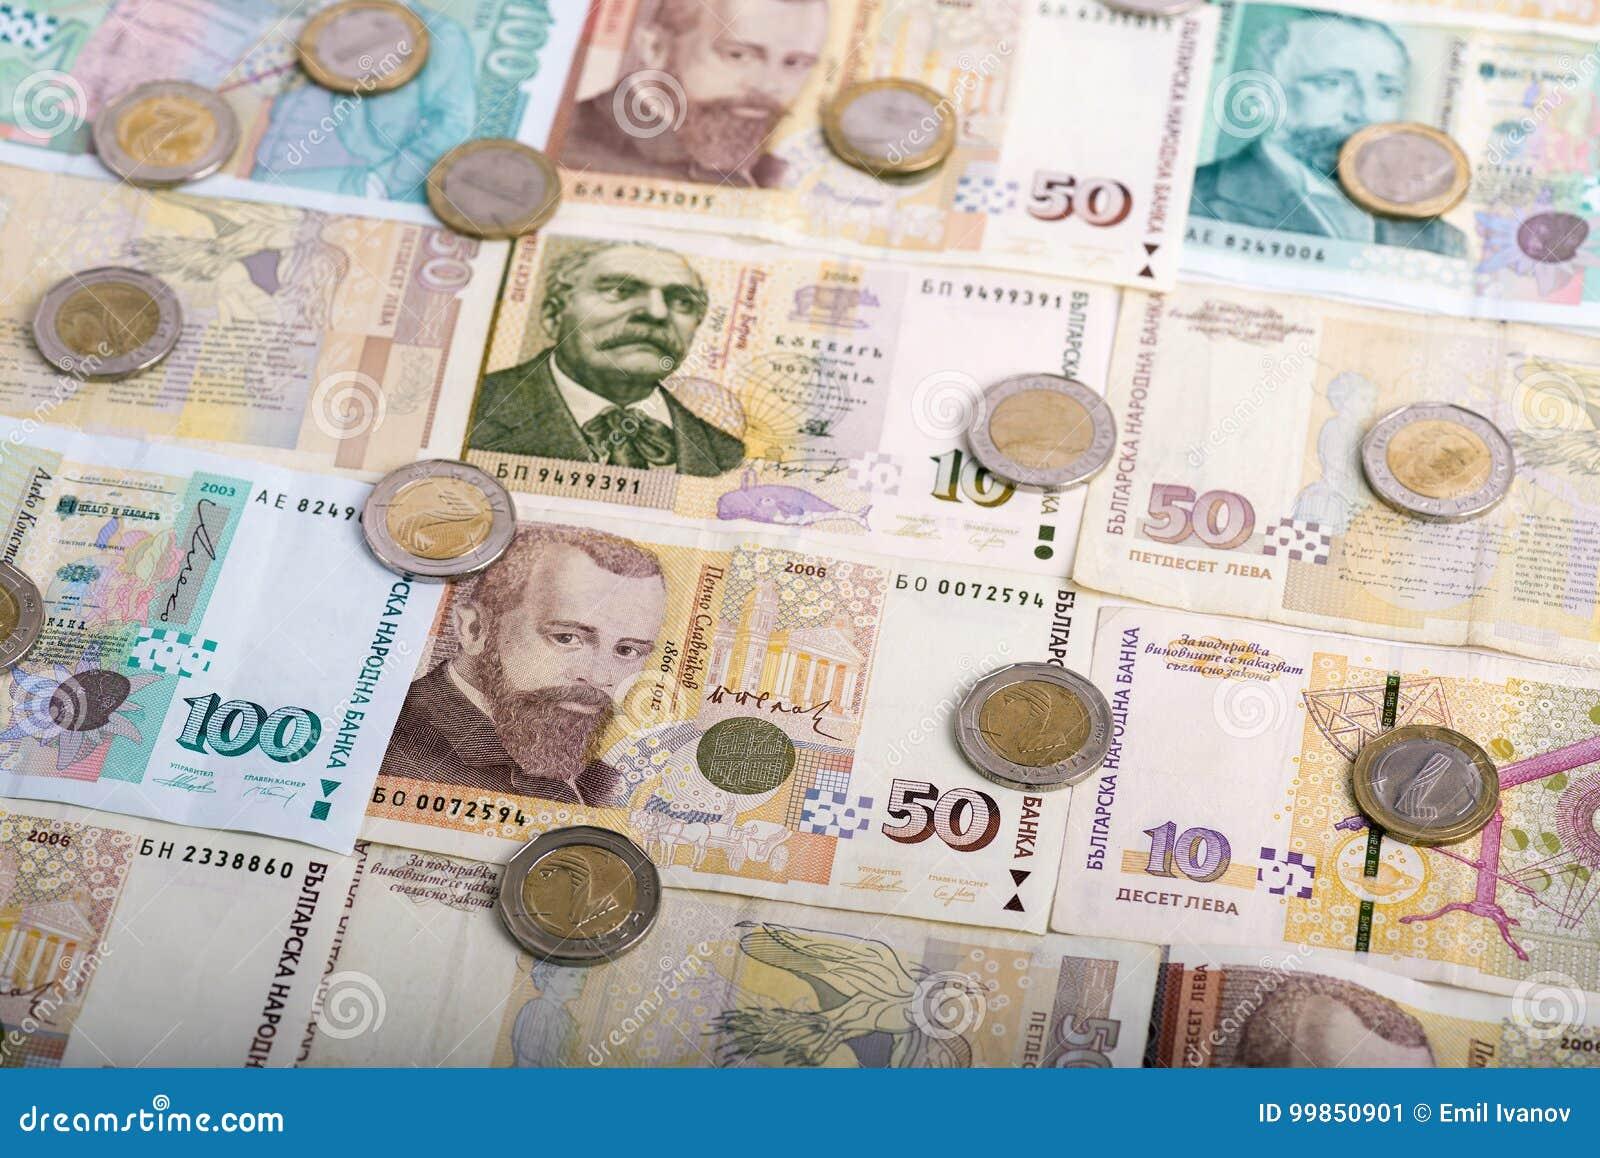 Bulgarische Währung Bgn Lev Und Münzen Stockbild Bild Von Münze